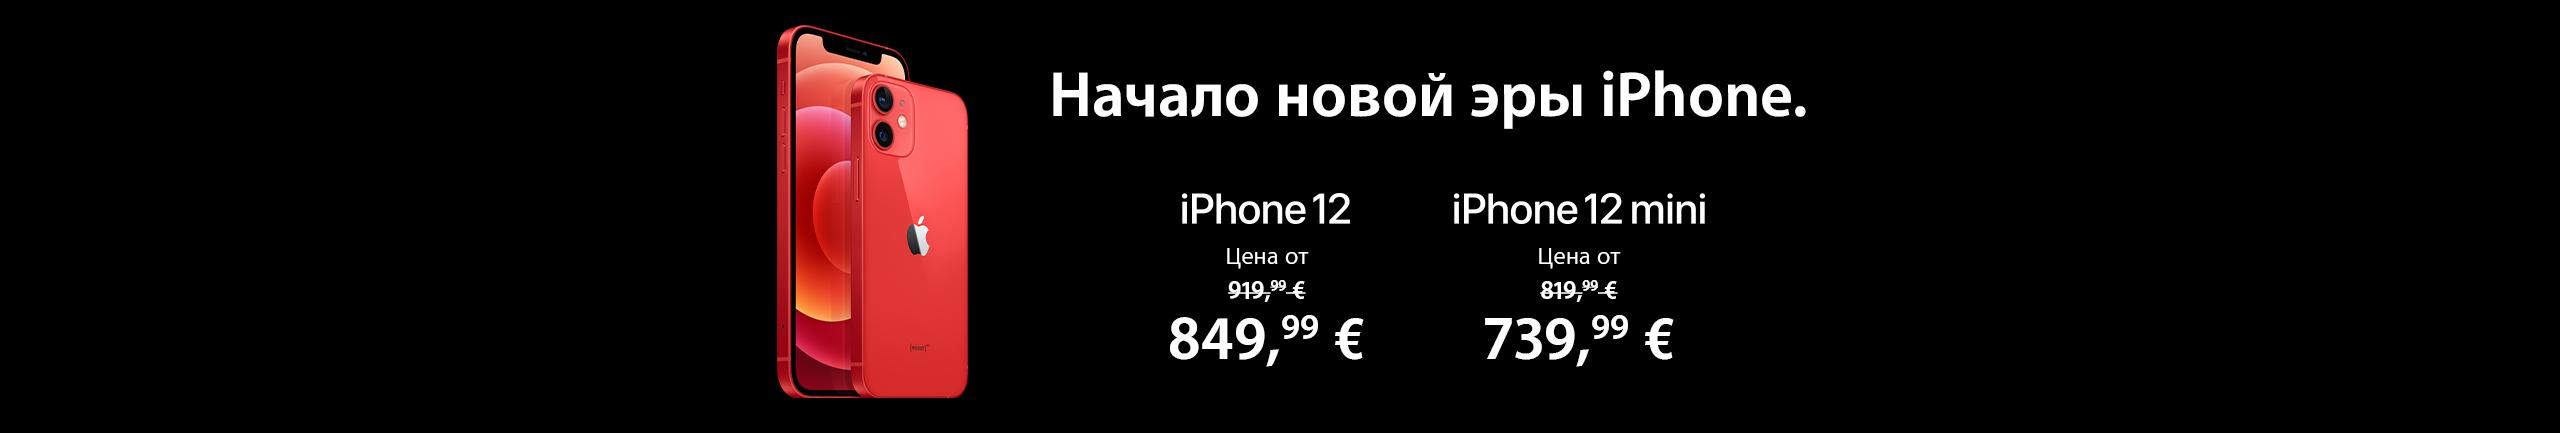 FPS Cпециальное предлощение Apple iPhone 12 и iPhone 12 Mini